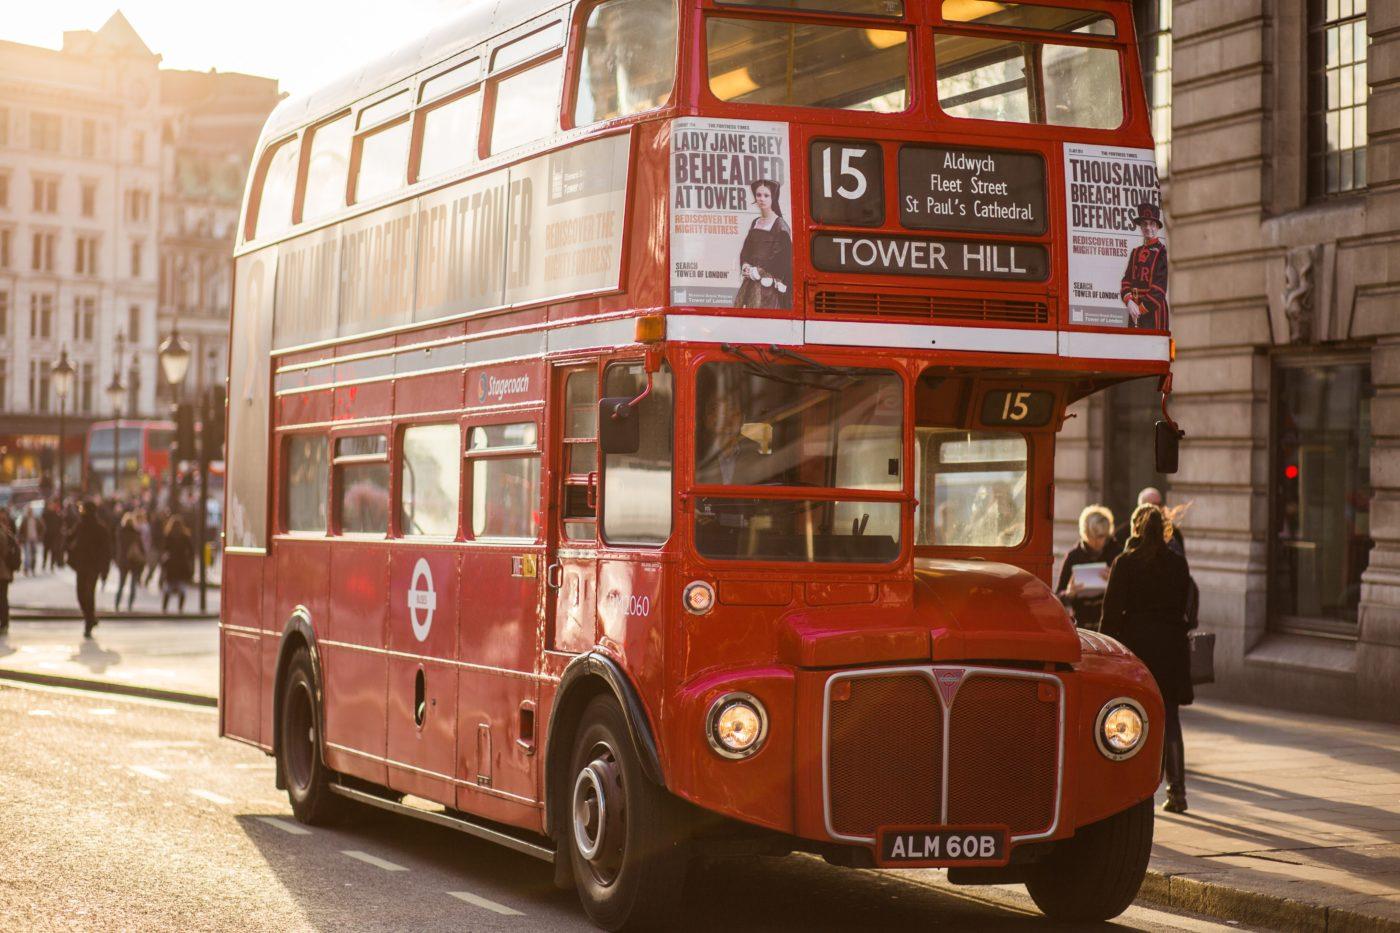 City break in London by double decker bus